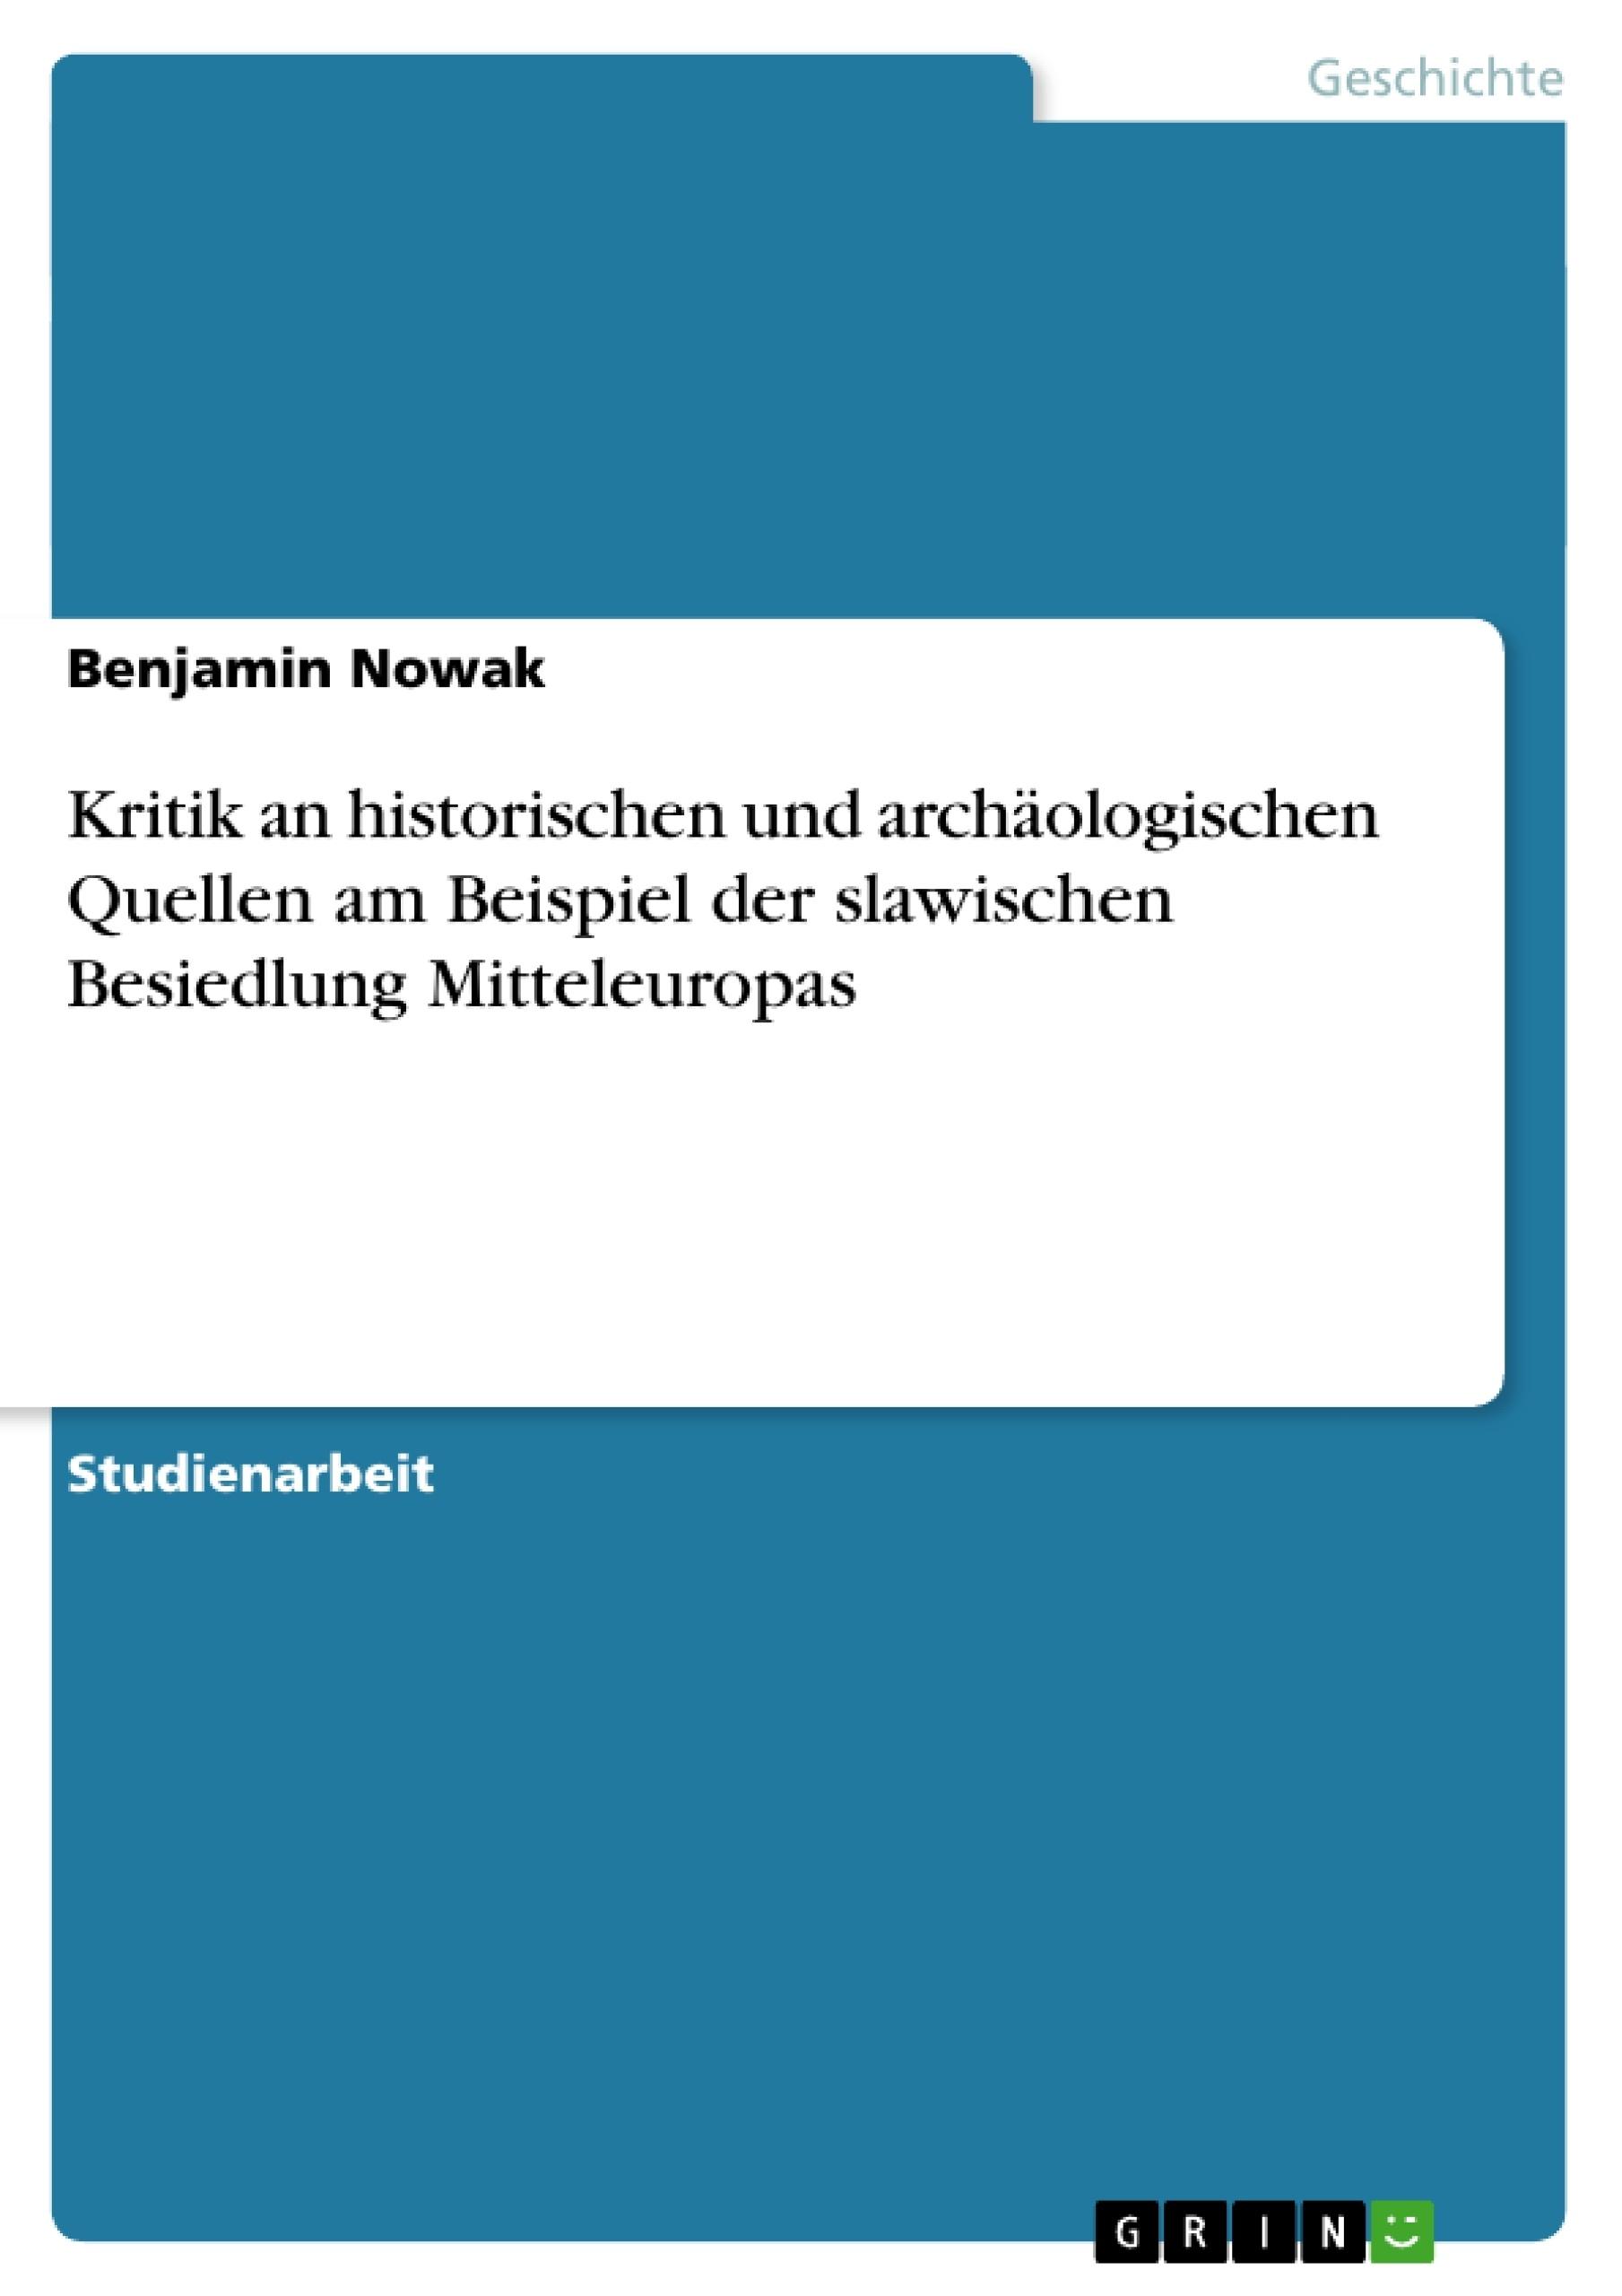 Titel: Kritik an historischen und archäologischen Quellen am Beispiel der slawischen Besiedlung Mitteleuropas